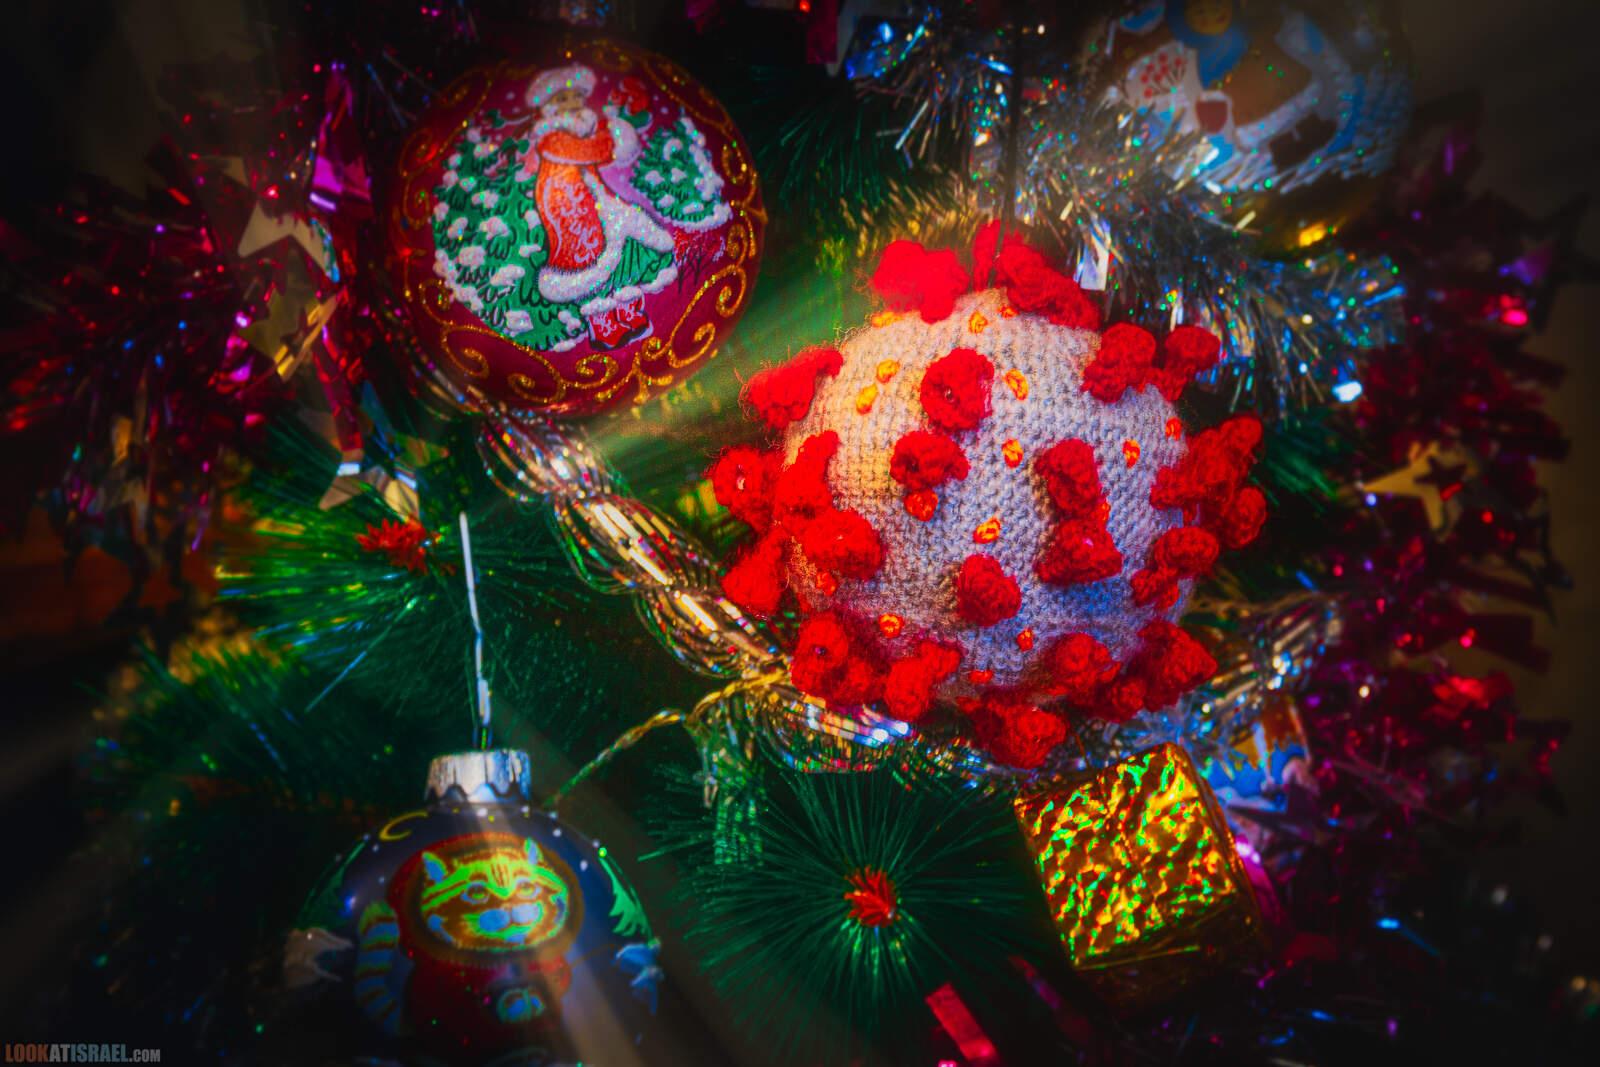 С Новым корона годом! Вирус корона как ёлочная игрушка  - LookAtIsrael.com - Фото путешествия по Израилю